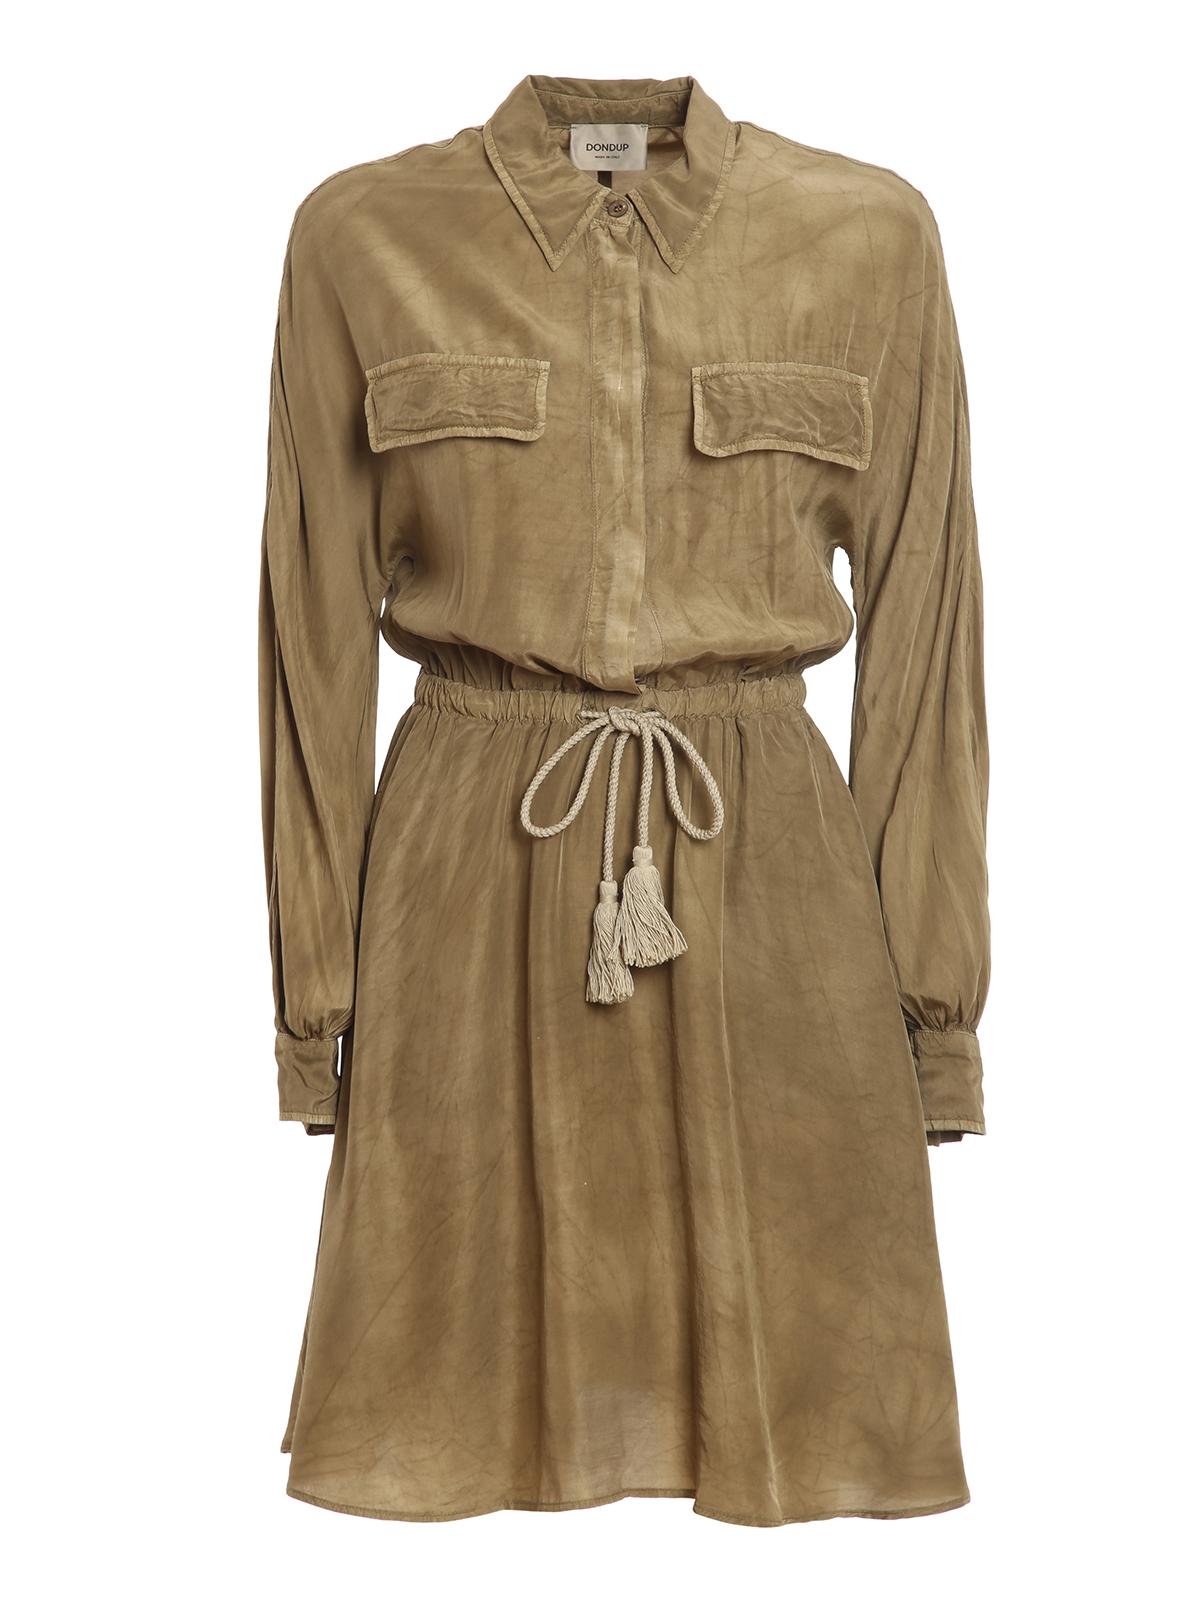 Dondup SILK BLEND SHIRT DRESS